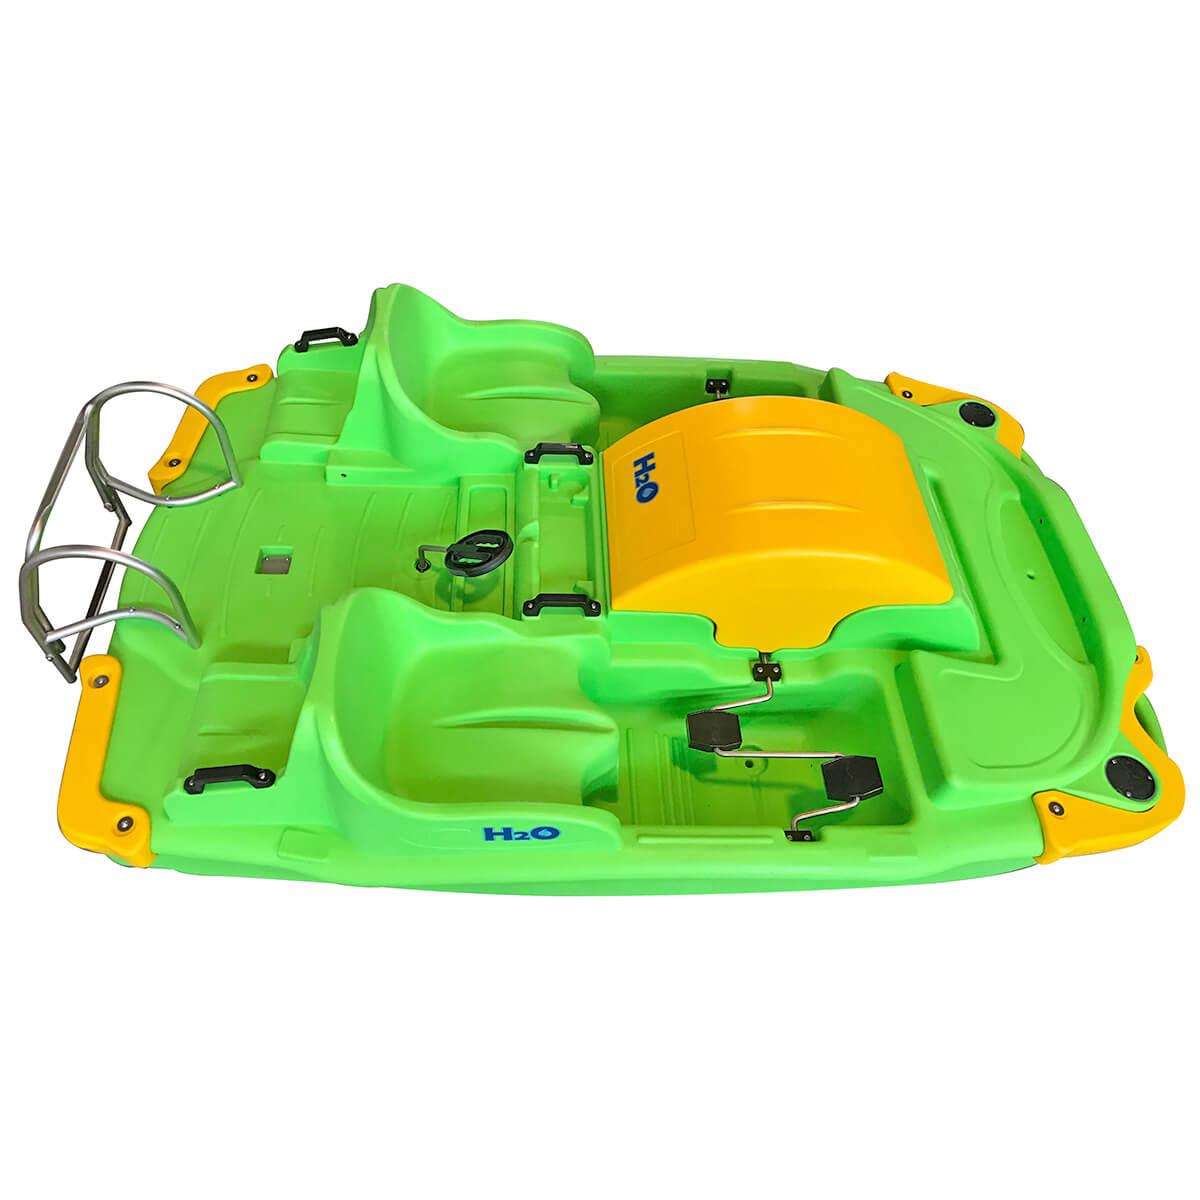 ho pedalo verde giallo per coppia eurotank